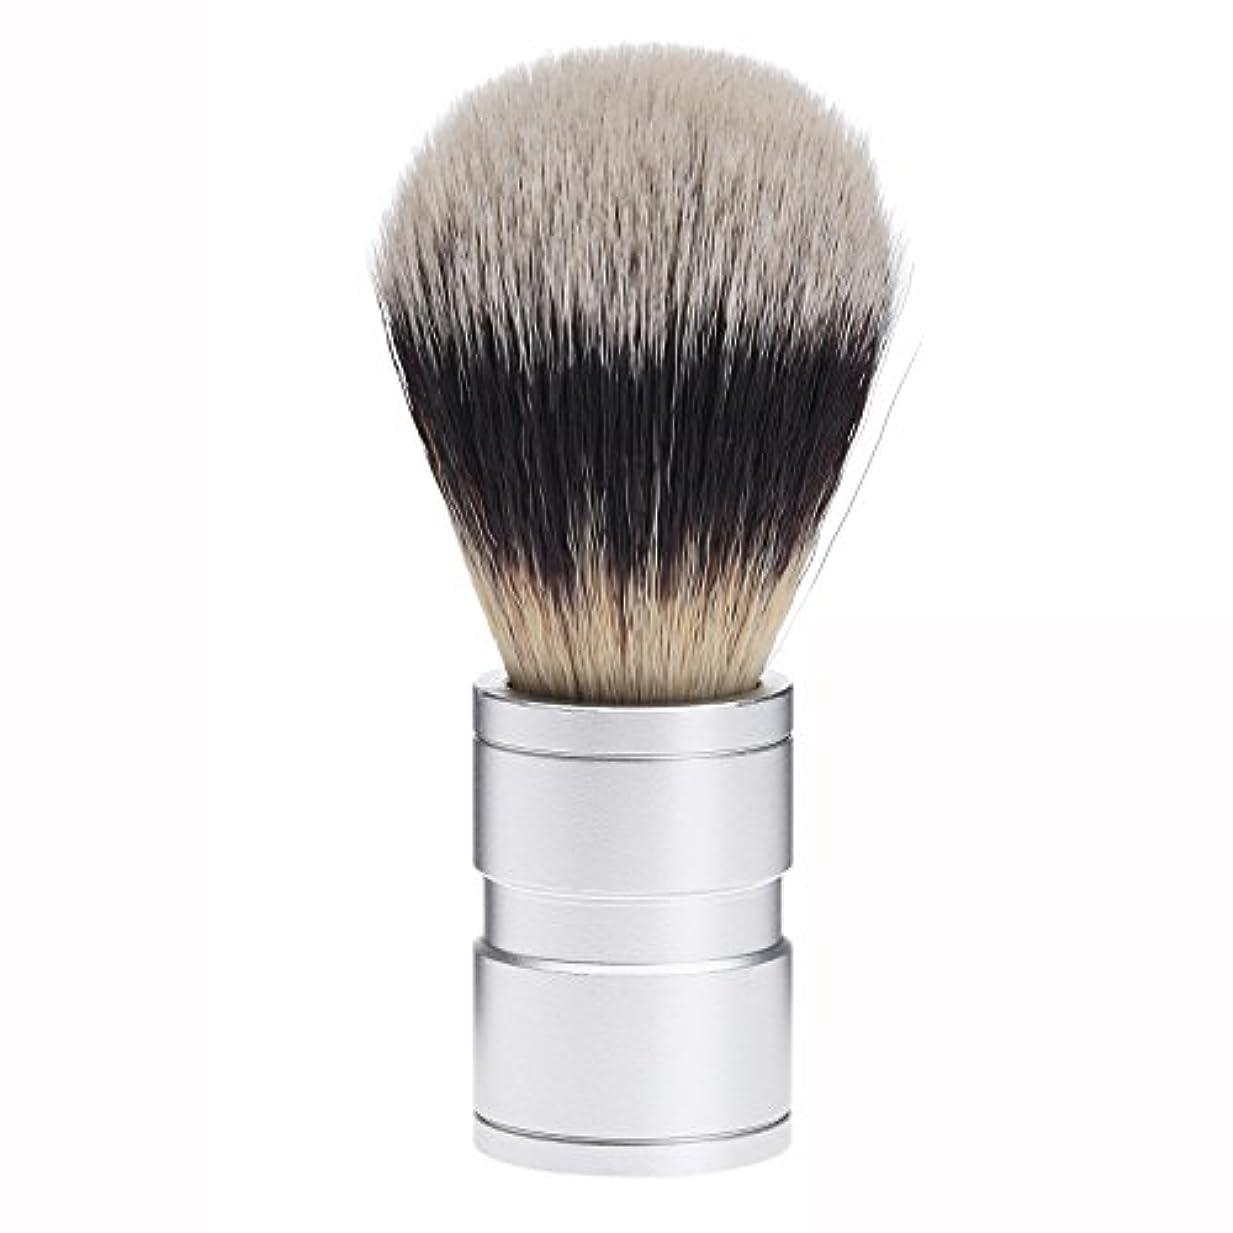 ピーク冊子転送Dophee  シェービング用ブラシ シェービングブラシ メンズ 洗顔ブラシ イミテーションアナグマ毛 ファイン模倣 理容 洗顔 髭剃り